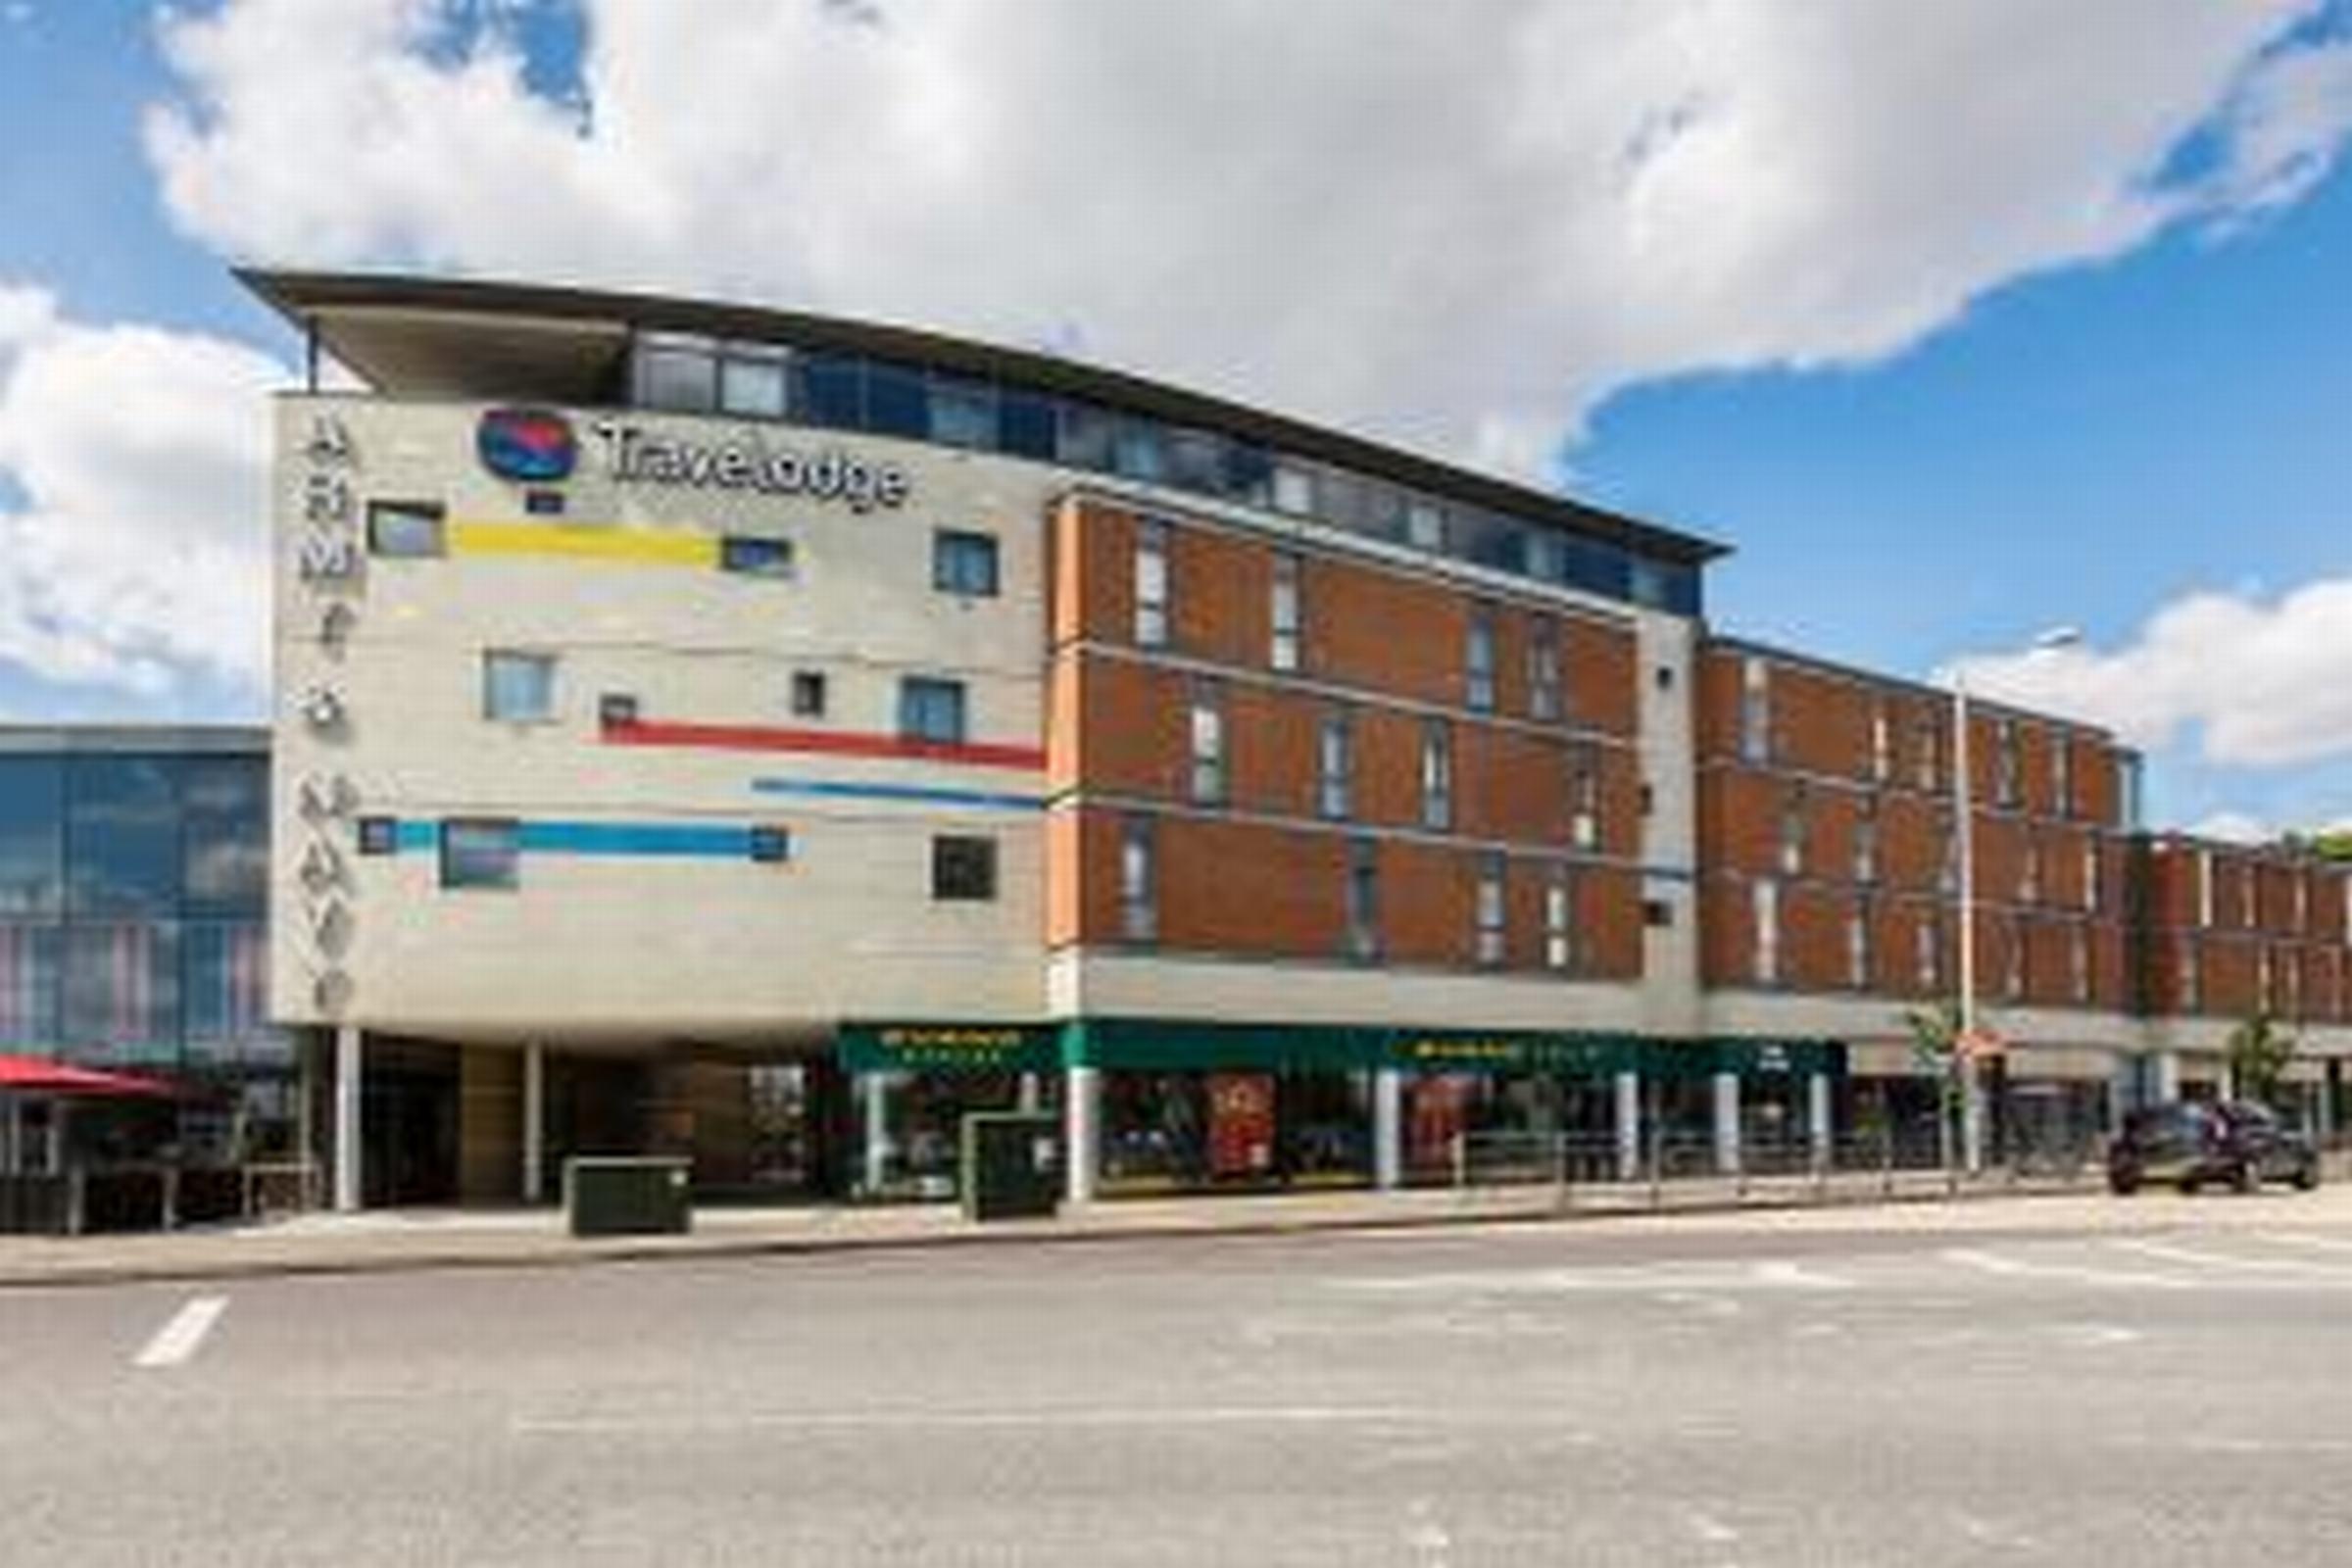 Travelodge Chelmsford, Essex